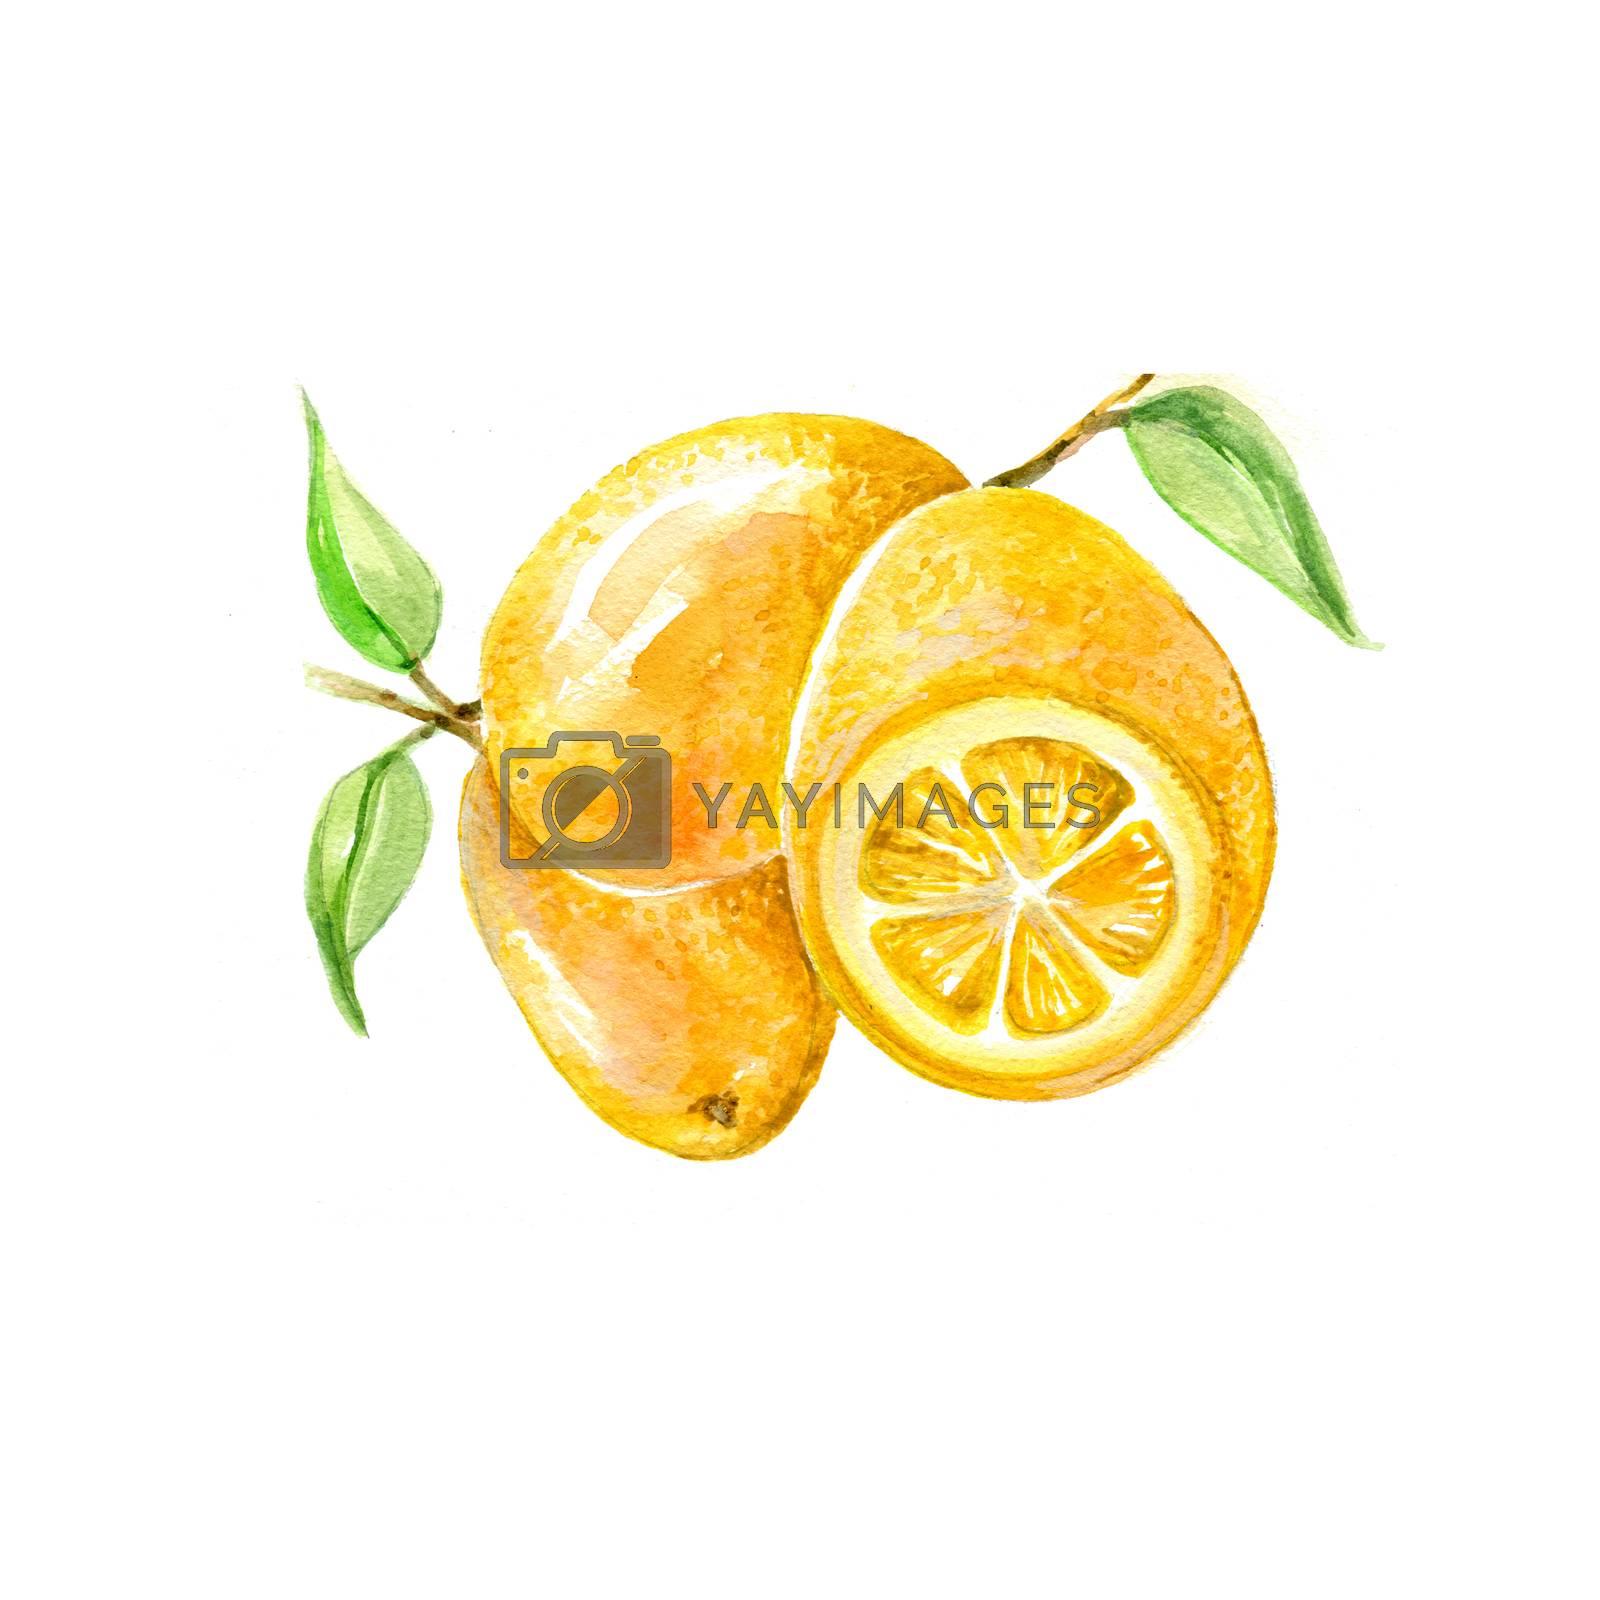 Watercolor Kumquat Citrus Fruits. Hand Drawn Illustration Organic Food Vegetarian Ingredient